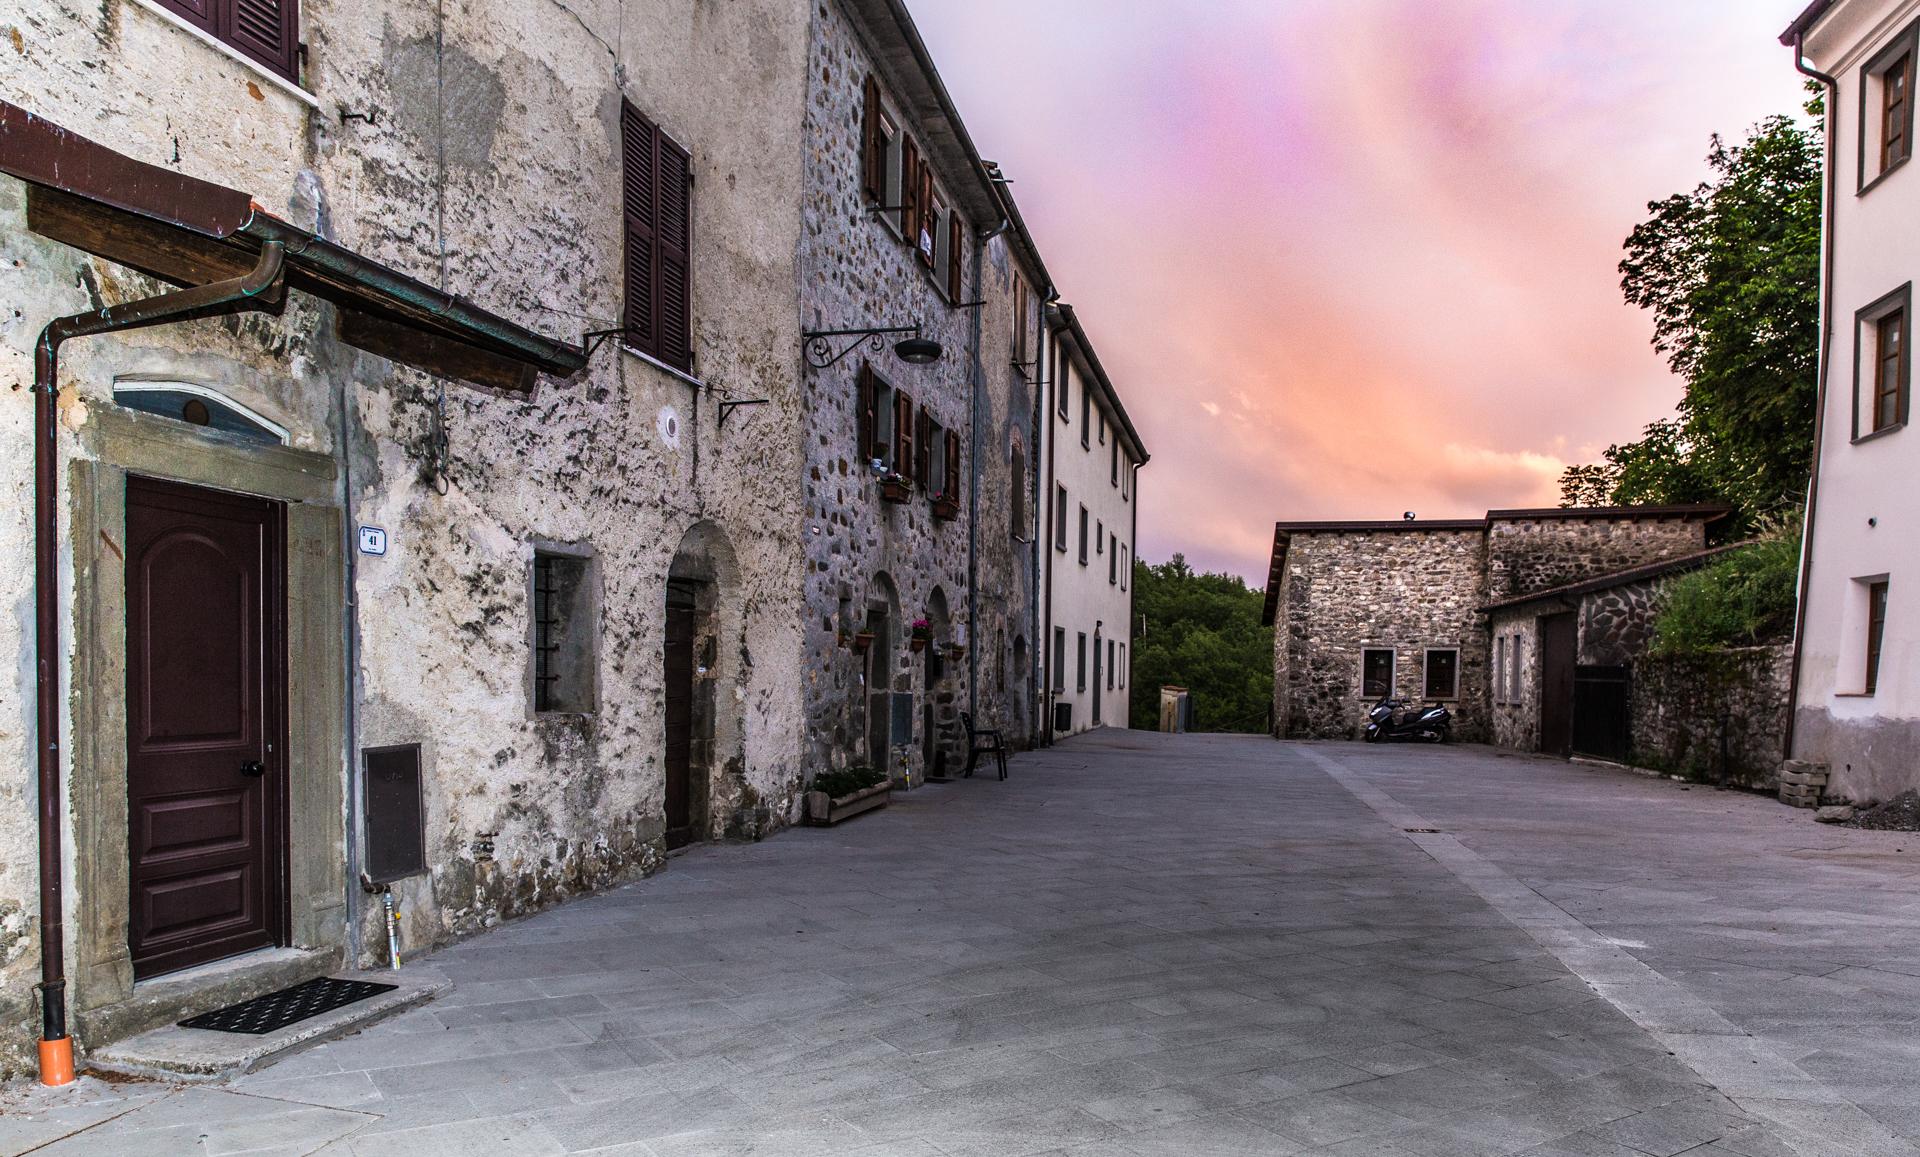 Dorfplatz von Tresana